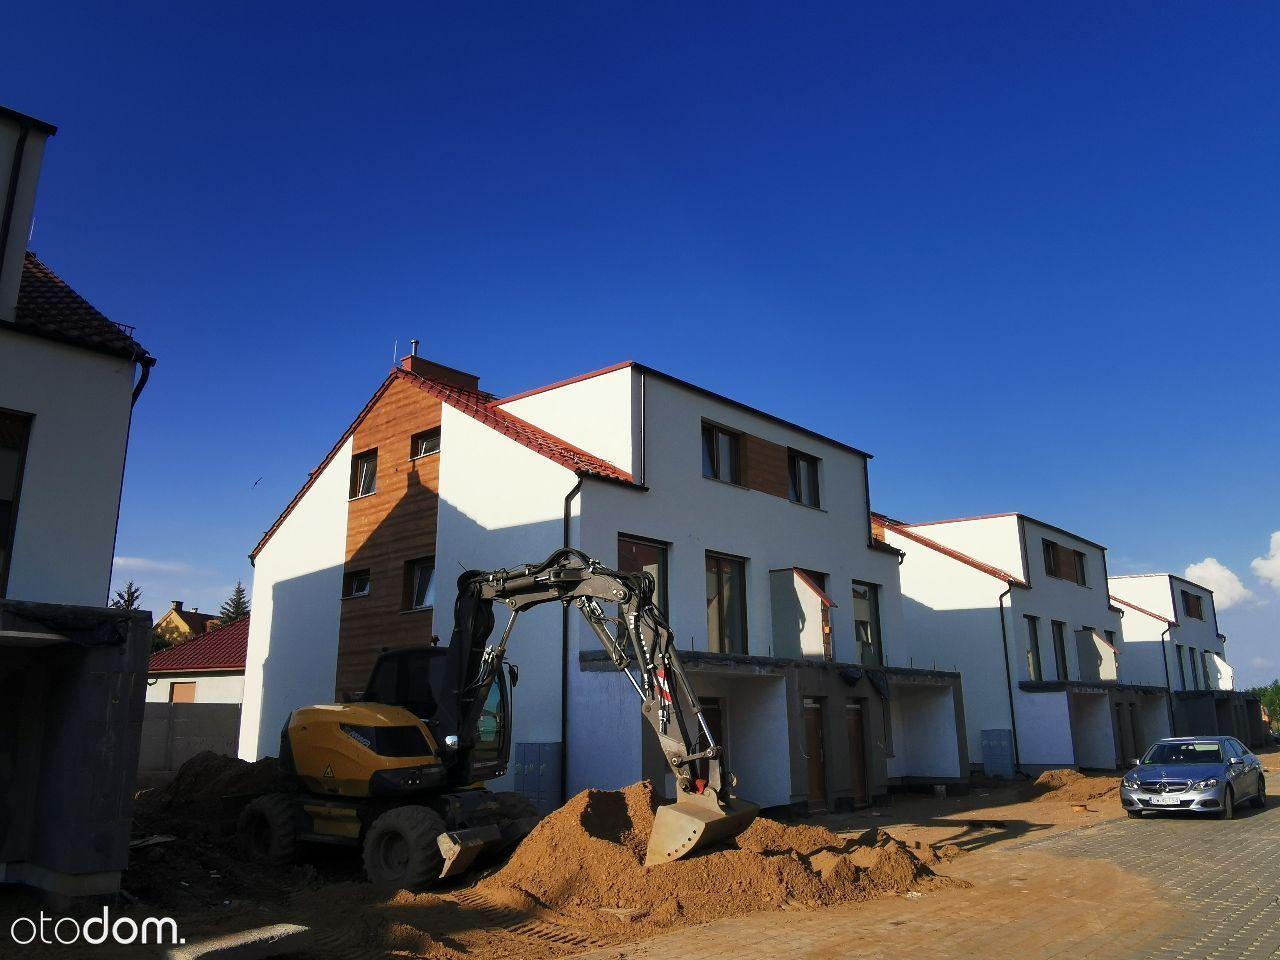 NOWE mieszkanie w DOMKU OGRÓD Parking bez dopłat